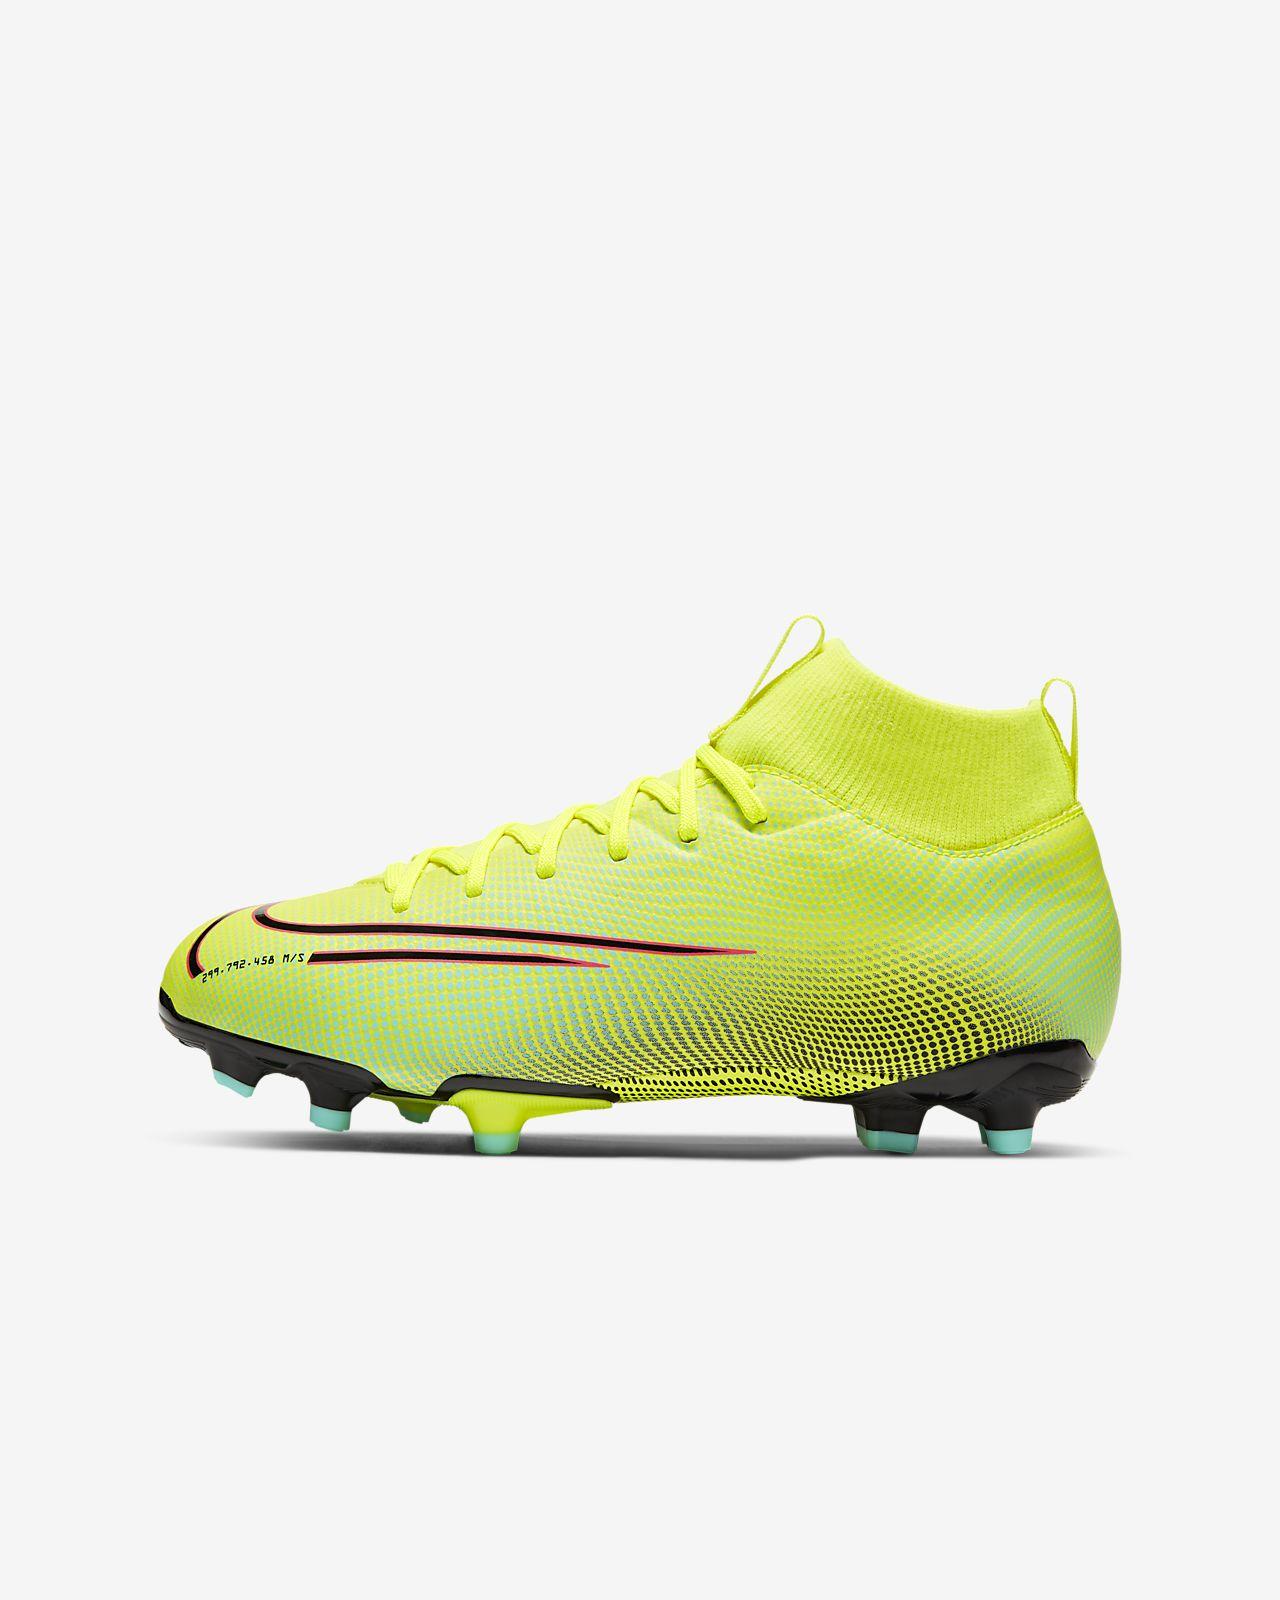 Ποδοσφαιρικό παπούτσι για διαφορετικές επιφάνειες Nike Jr. Mercurial Superfly 7 Academy MDS MG για μικρά/μεγάλα παιδιά